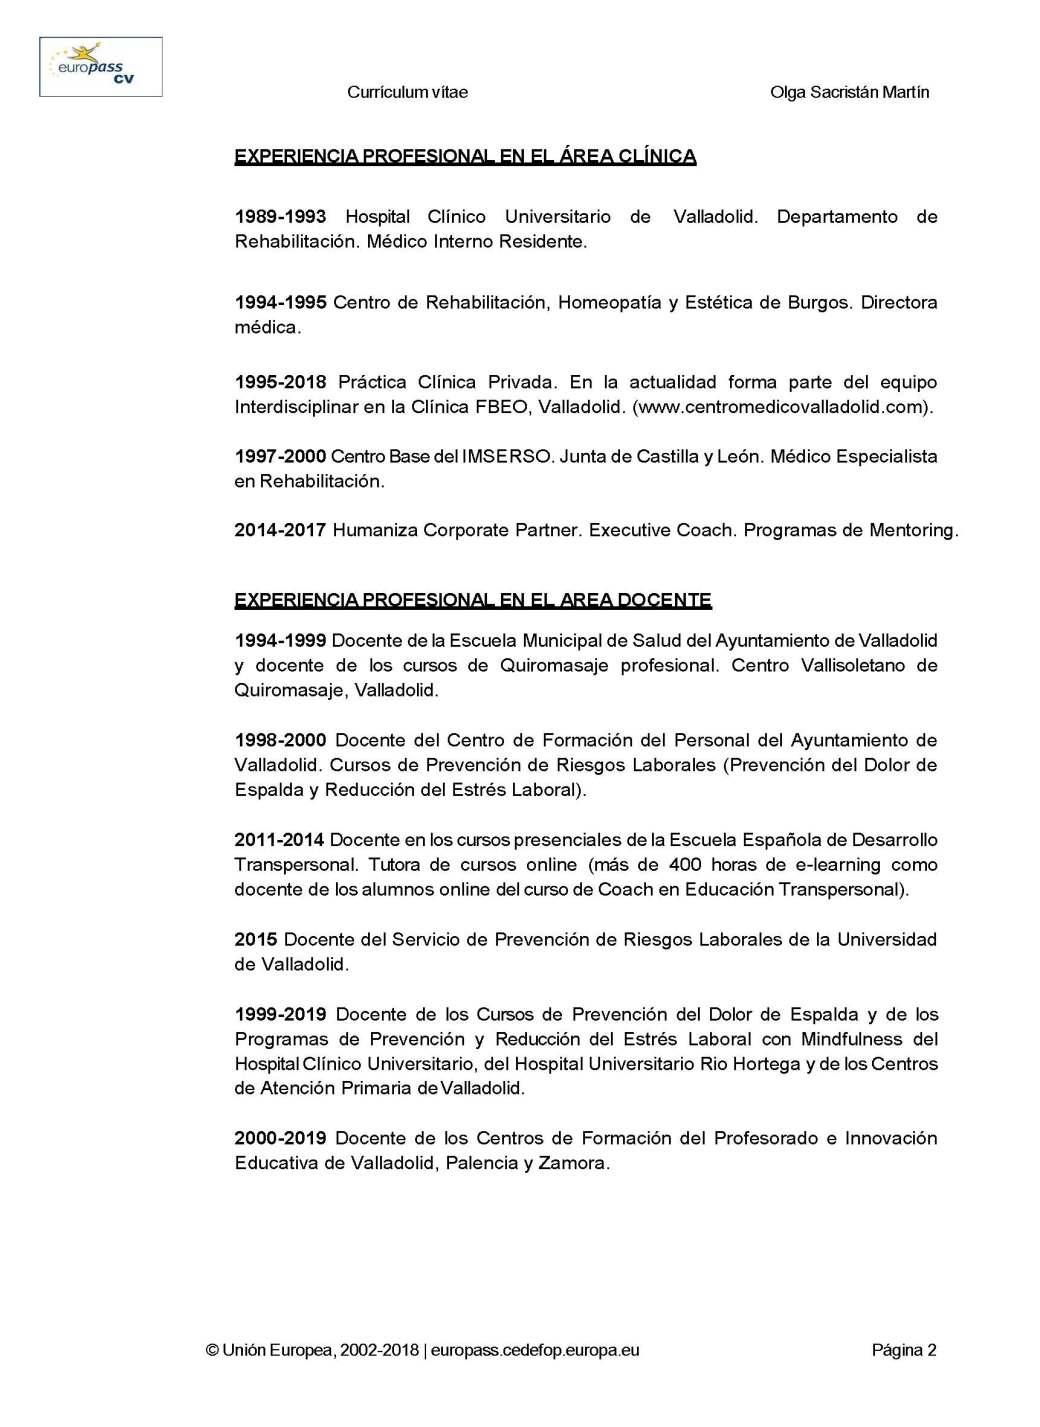 CURRICULUM EUROPASS DRA. OLGA SACRISTAN 2019_Página_02